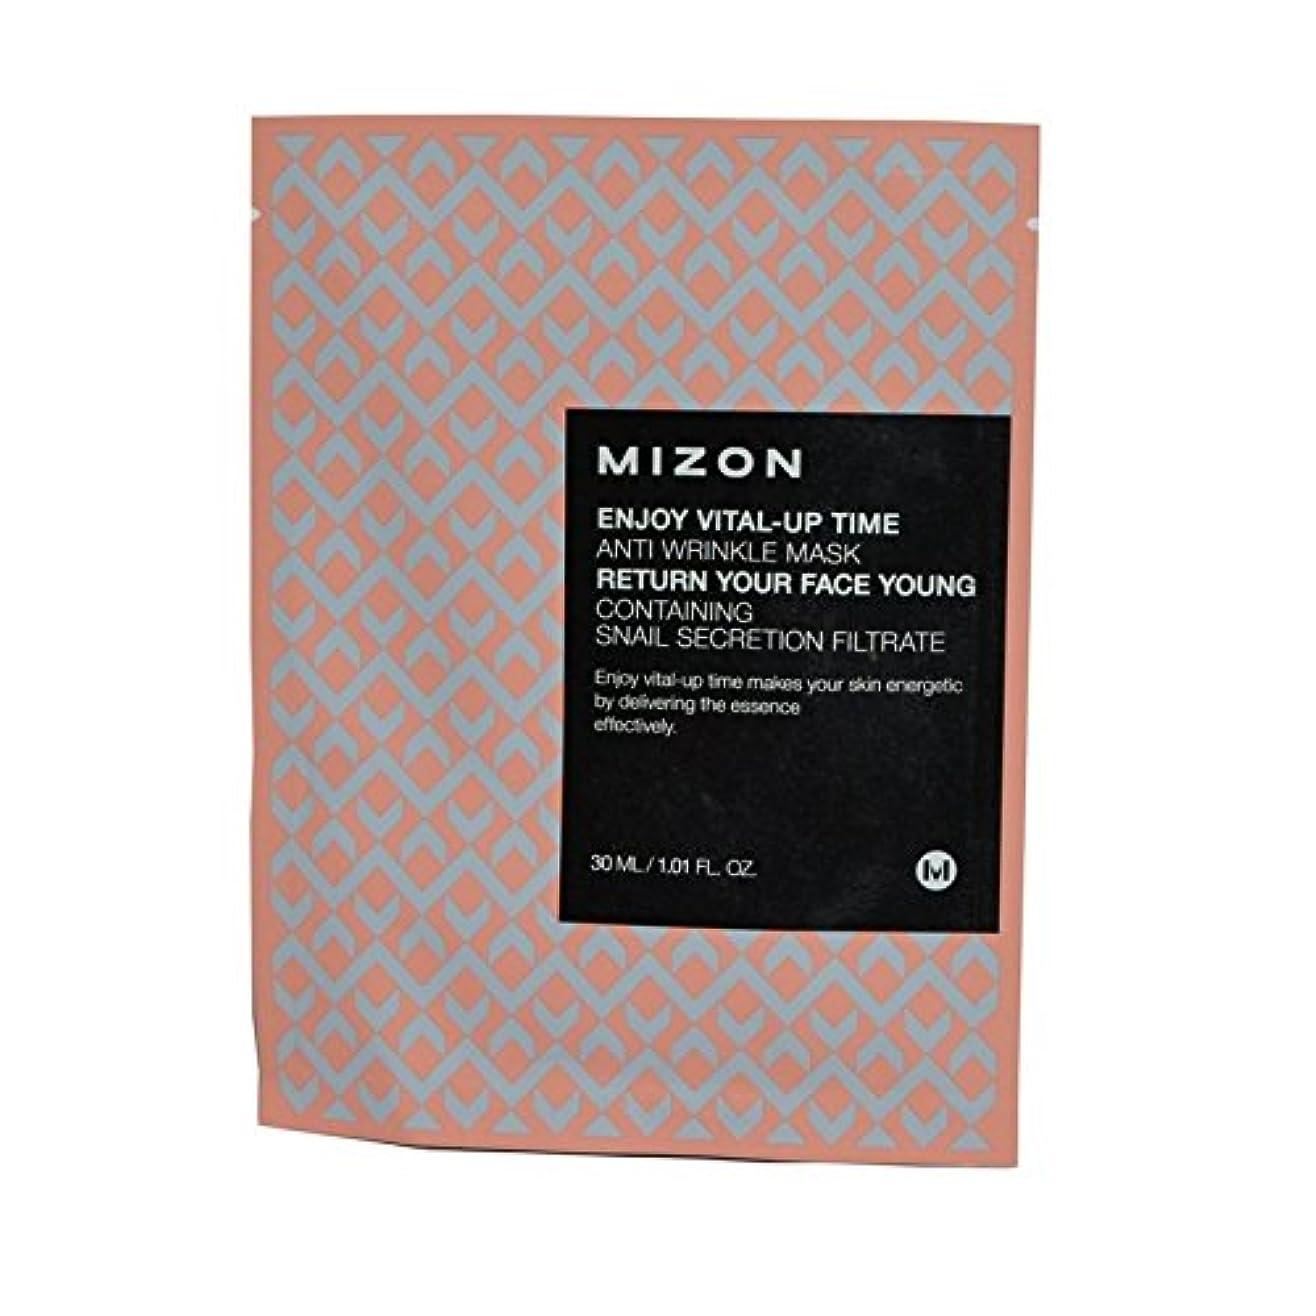 ラボ移動する薬が不可欠アップ時間抗しわマスクを楽しみます x2 - Mizon Enjoy Vital Up Time Anti-Wrinkle Mask (Pack of 2) [並行輸入品]